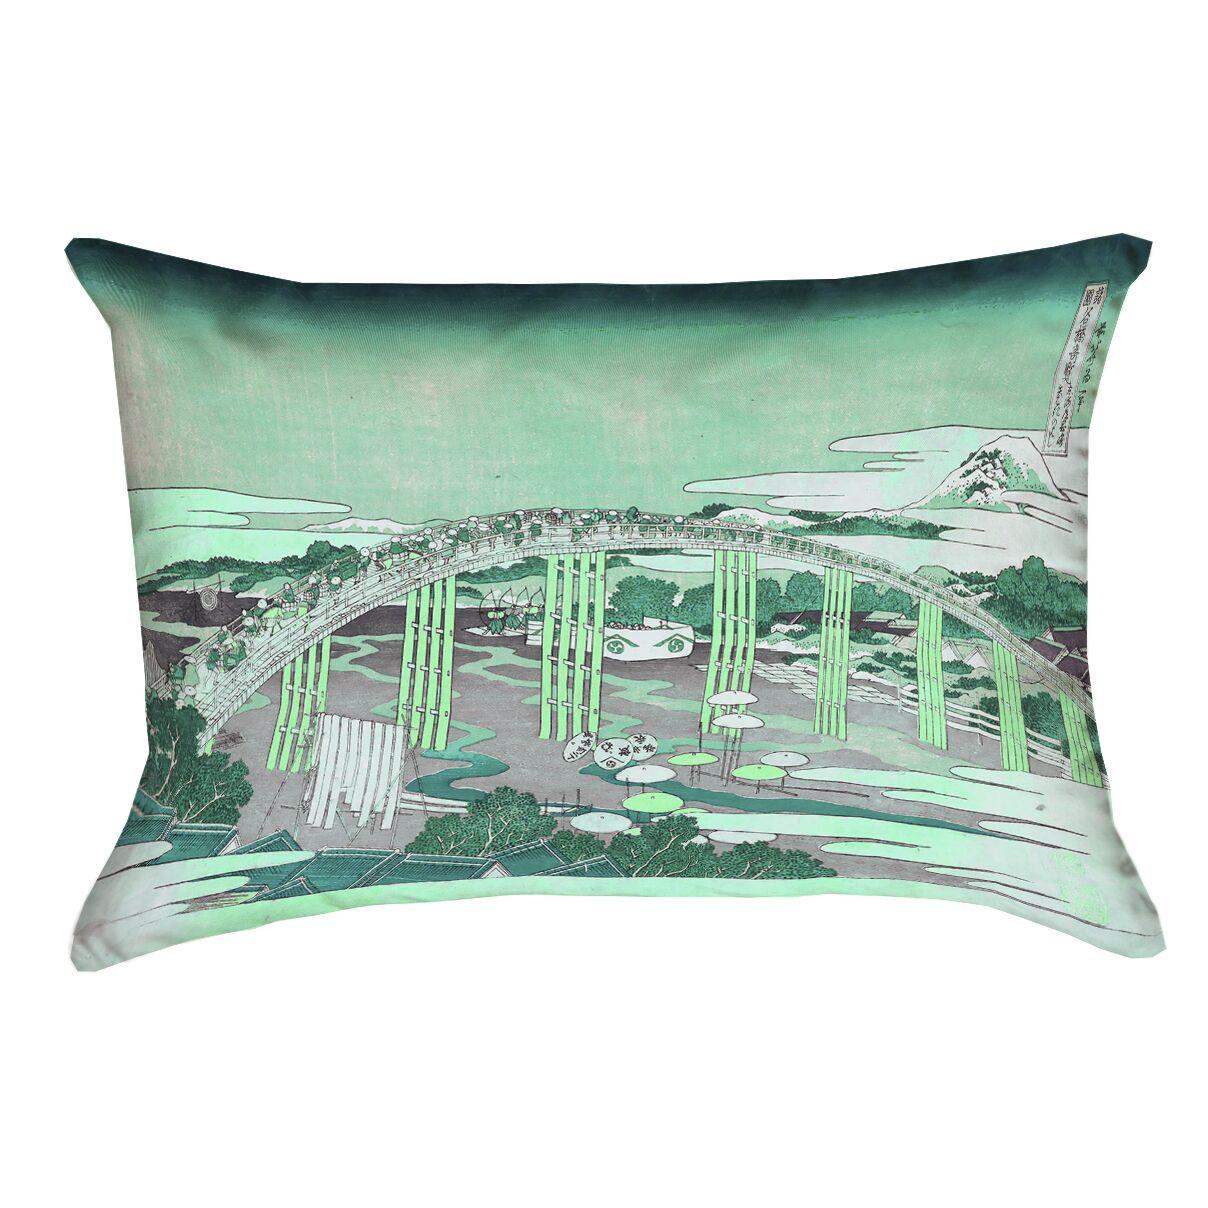 Enya Japanese Bridge Lumbar Pillow Cover Color: Green